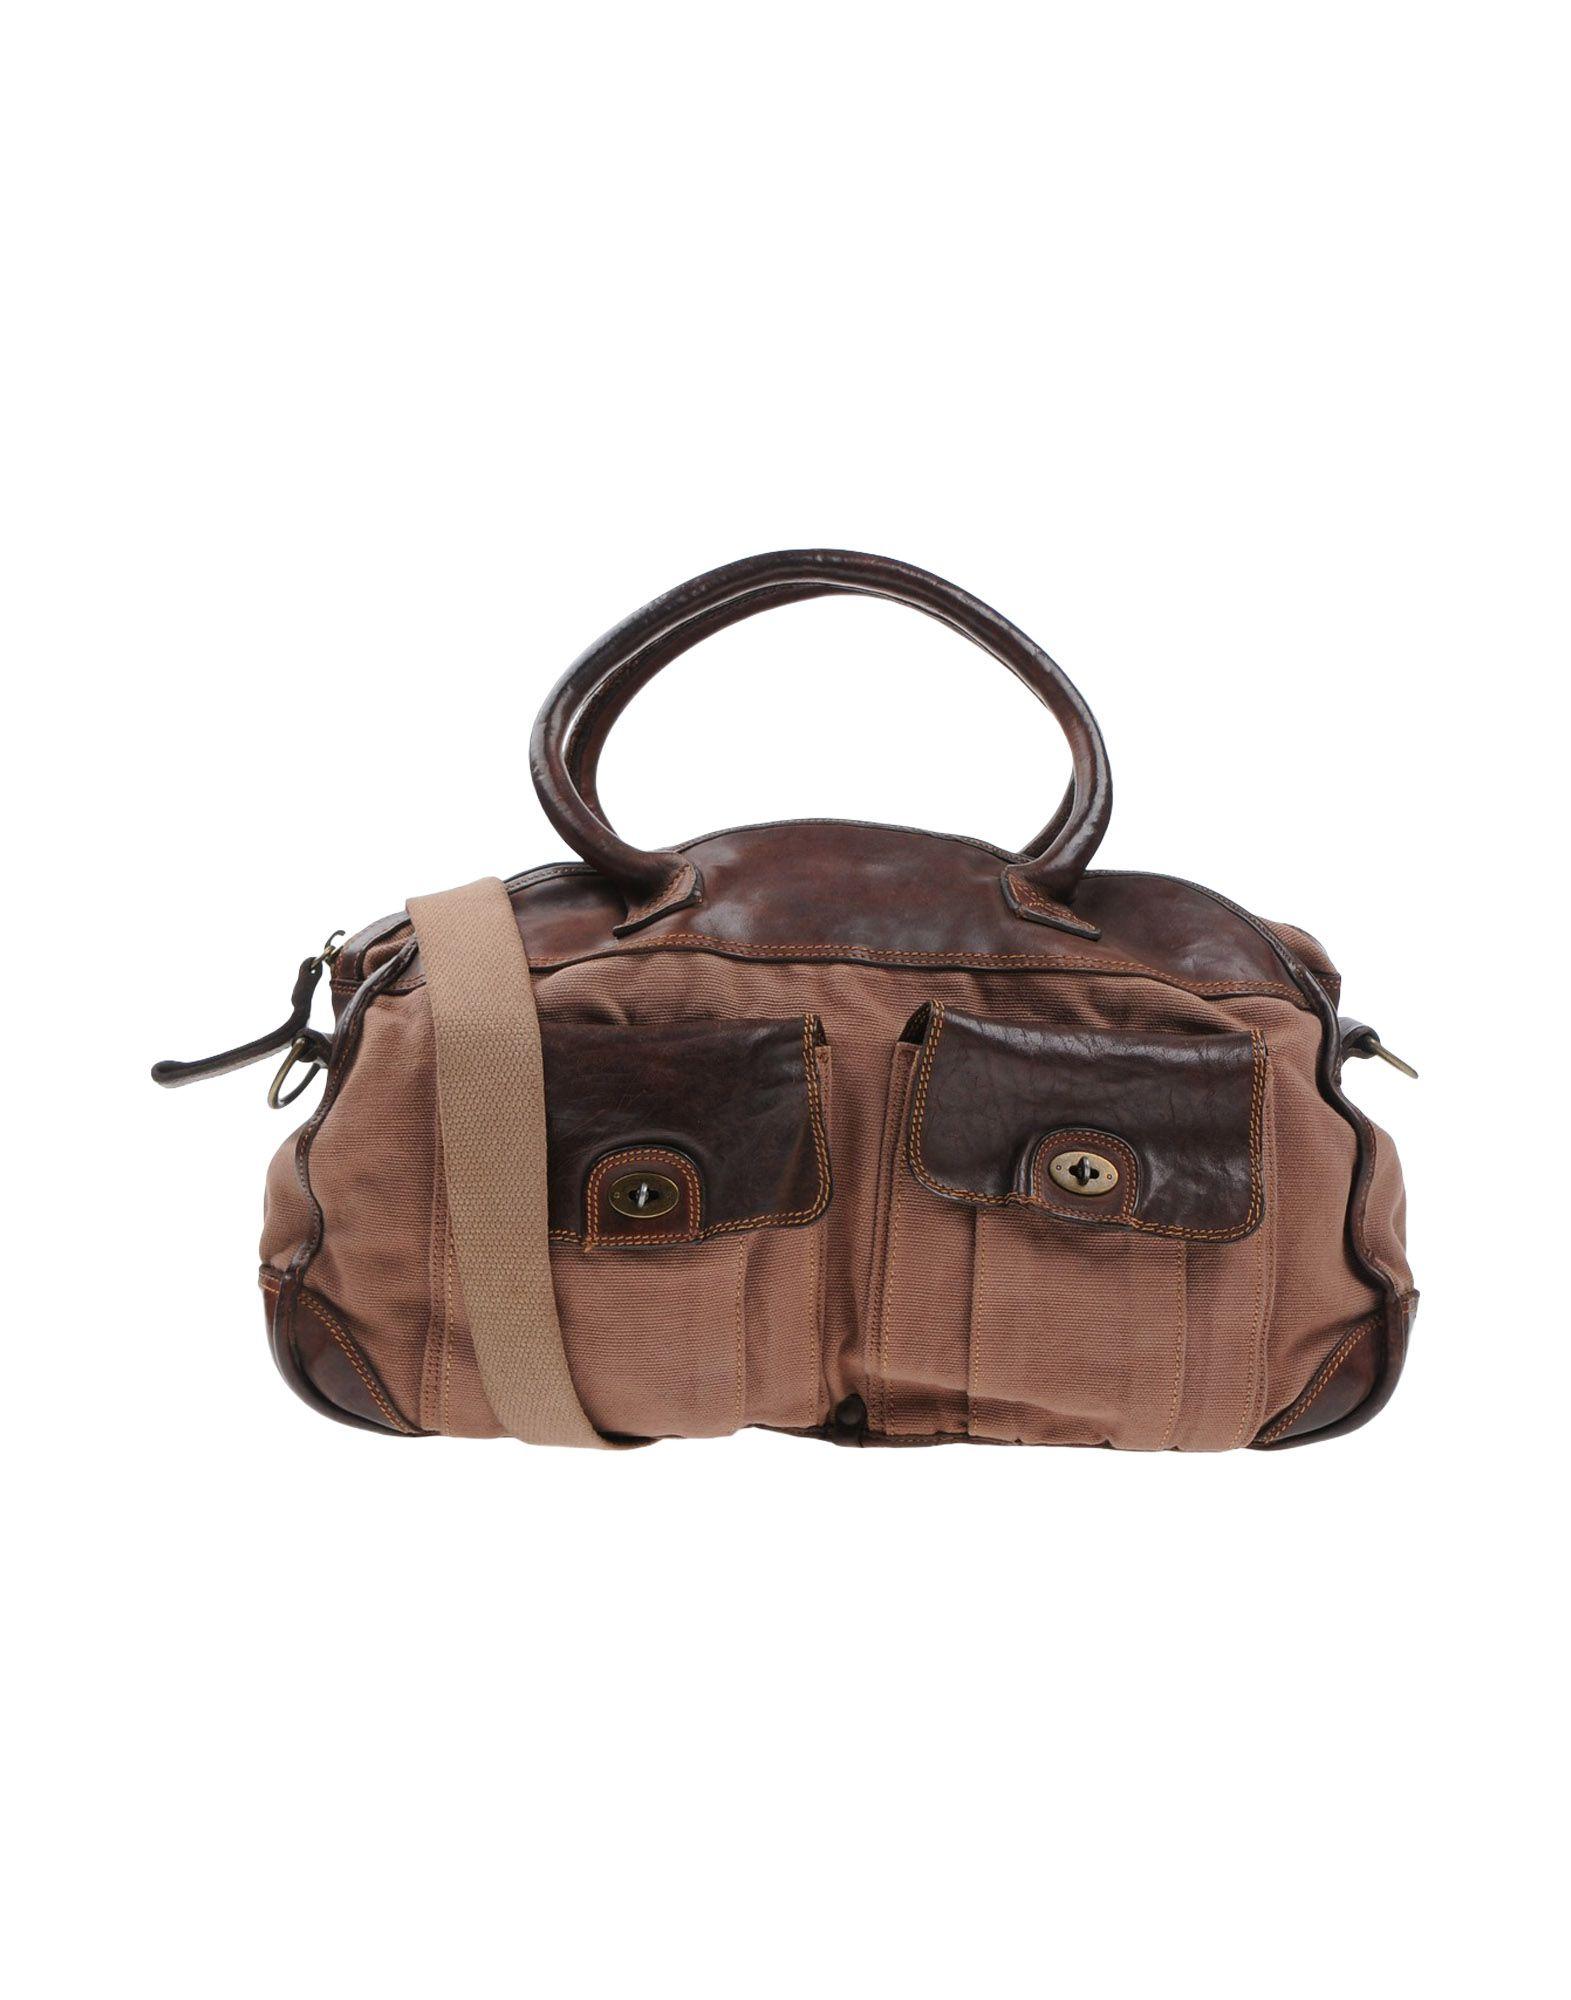 Jigsaw Handbags In Cocoa